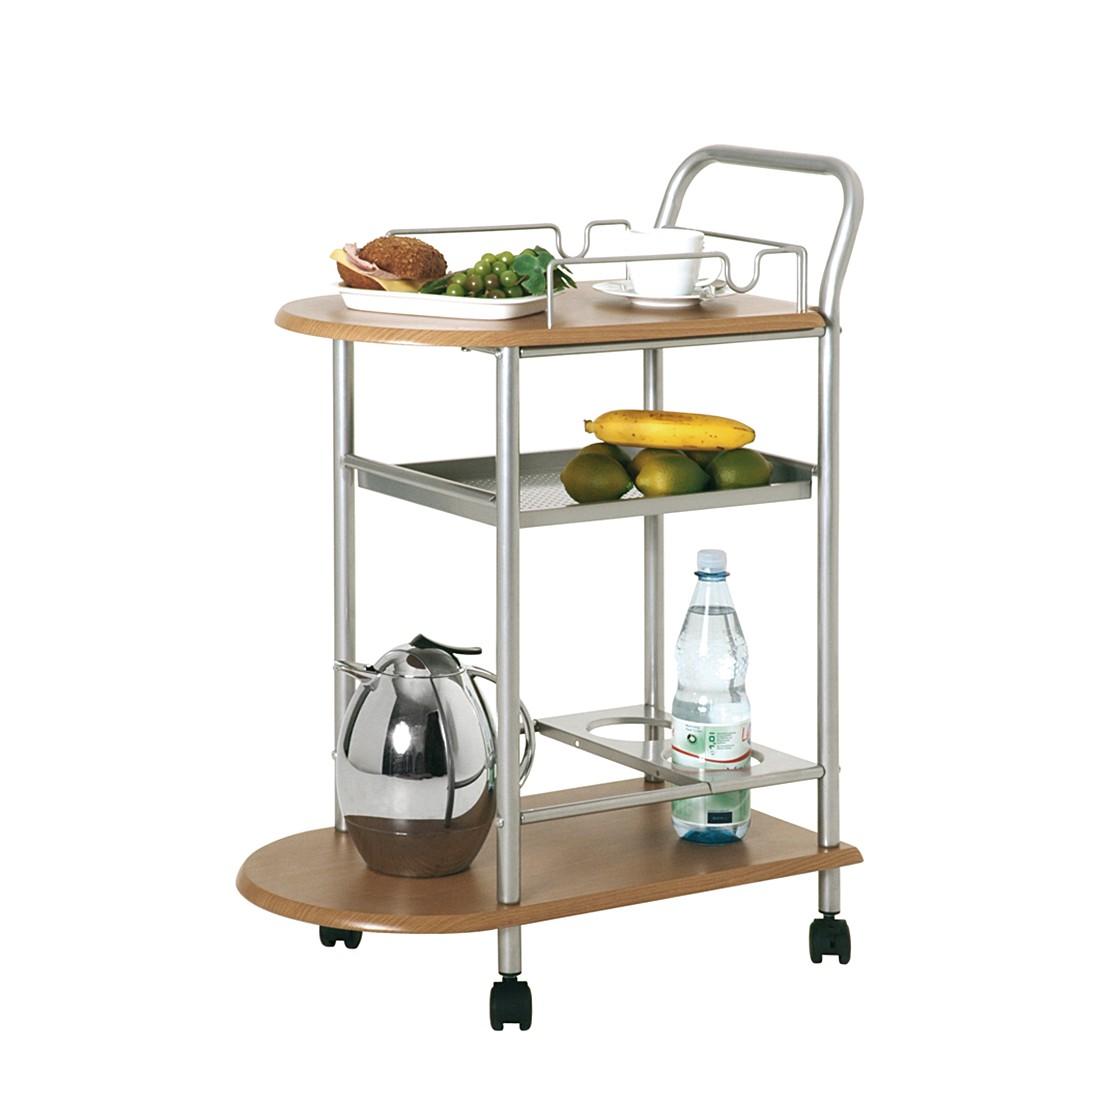 Küchenwagen Gunda – Stahl/Spanplatte – Alufarben/Buche Dekor, Tollhaus günstig